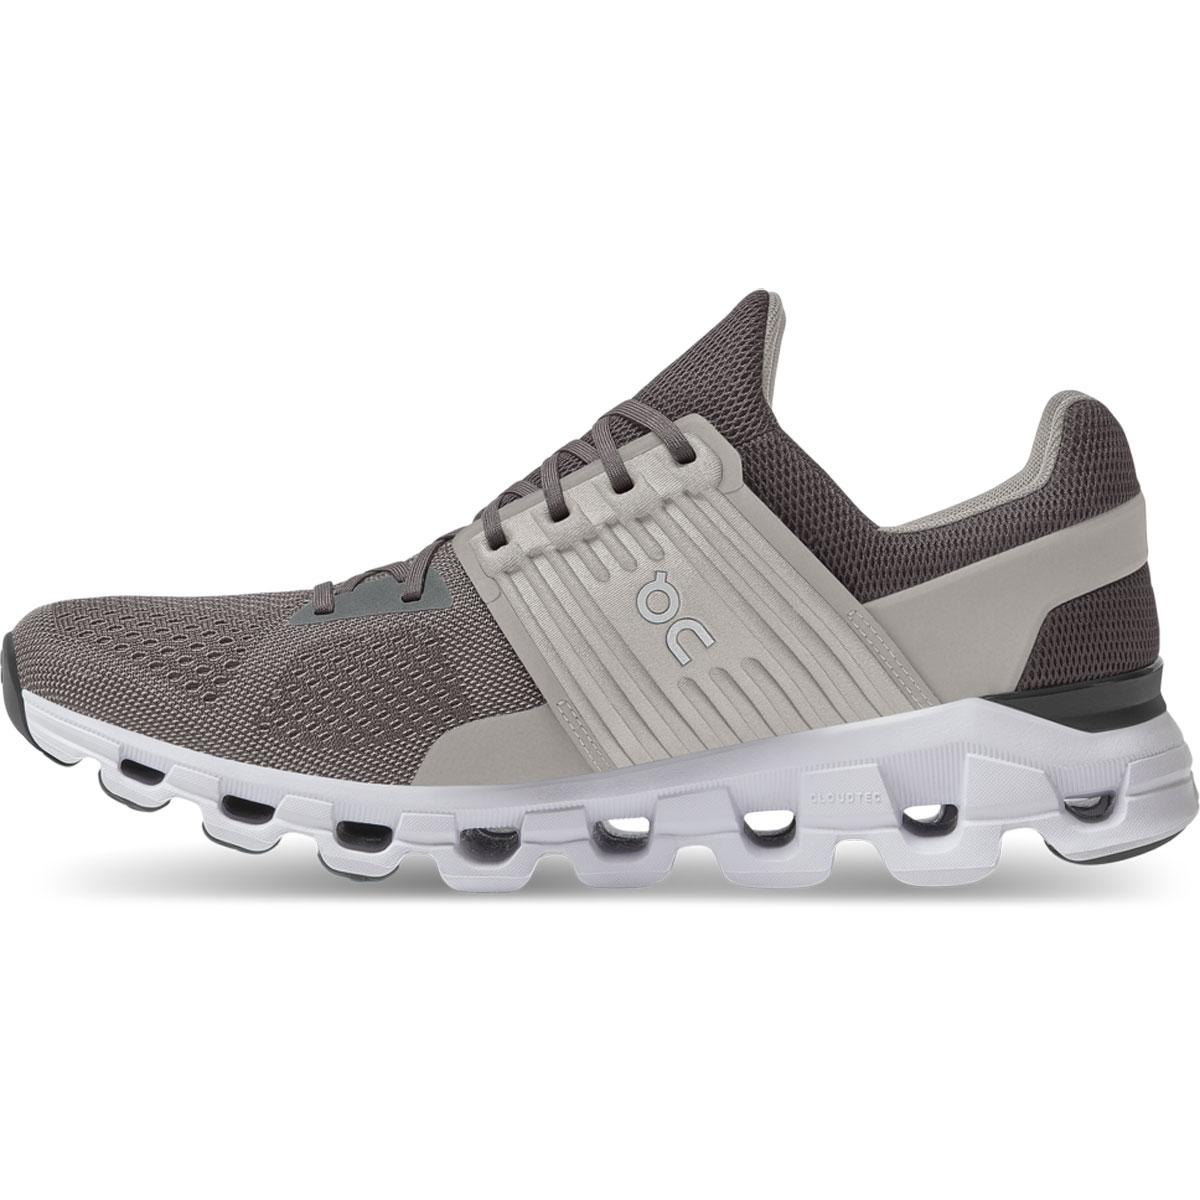 Men's On Cloudswift 2.0 Running Shoe - Color: Rock/Slate - Size: 7 - Width: Regular, Rock/Slate, large, image 2